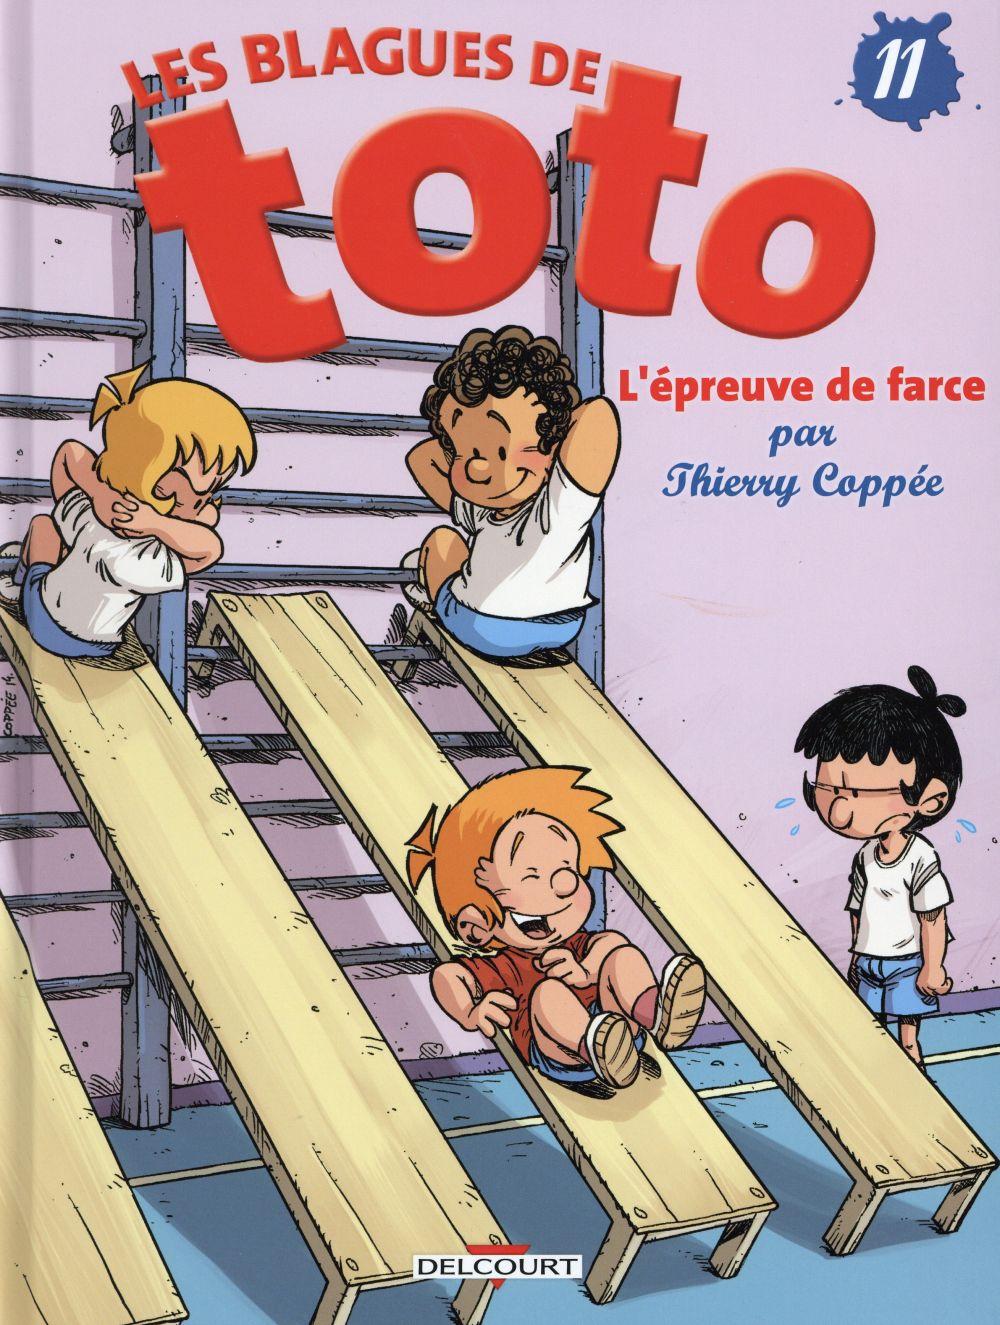 LES BLAGUES DE TOTO T.11  -  L'EPREUVE DE FARCE COPPEE THIERRY Delcourt